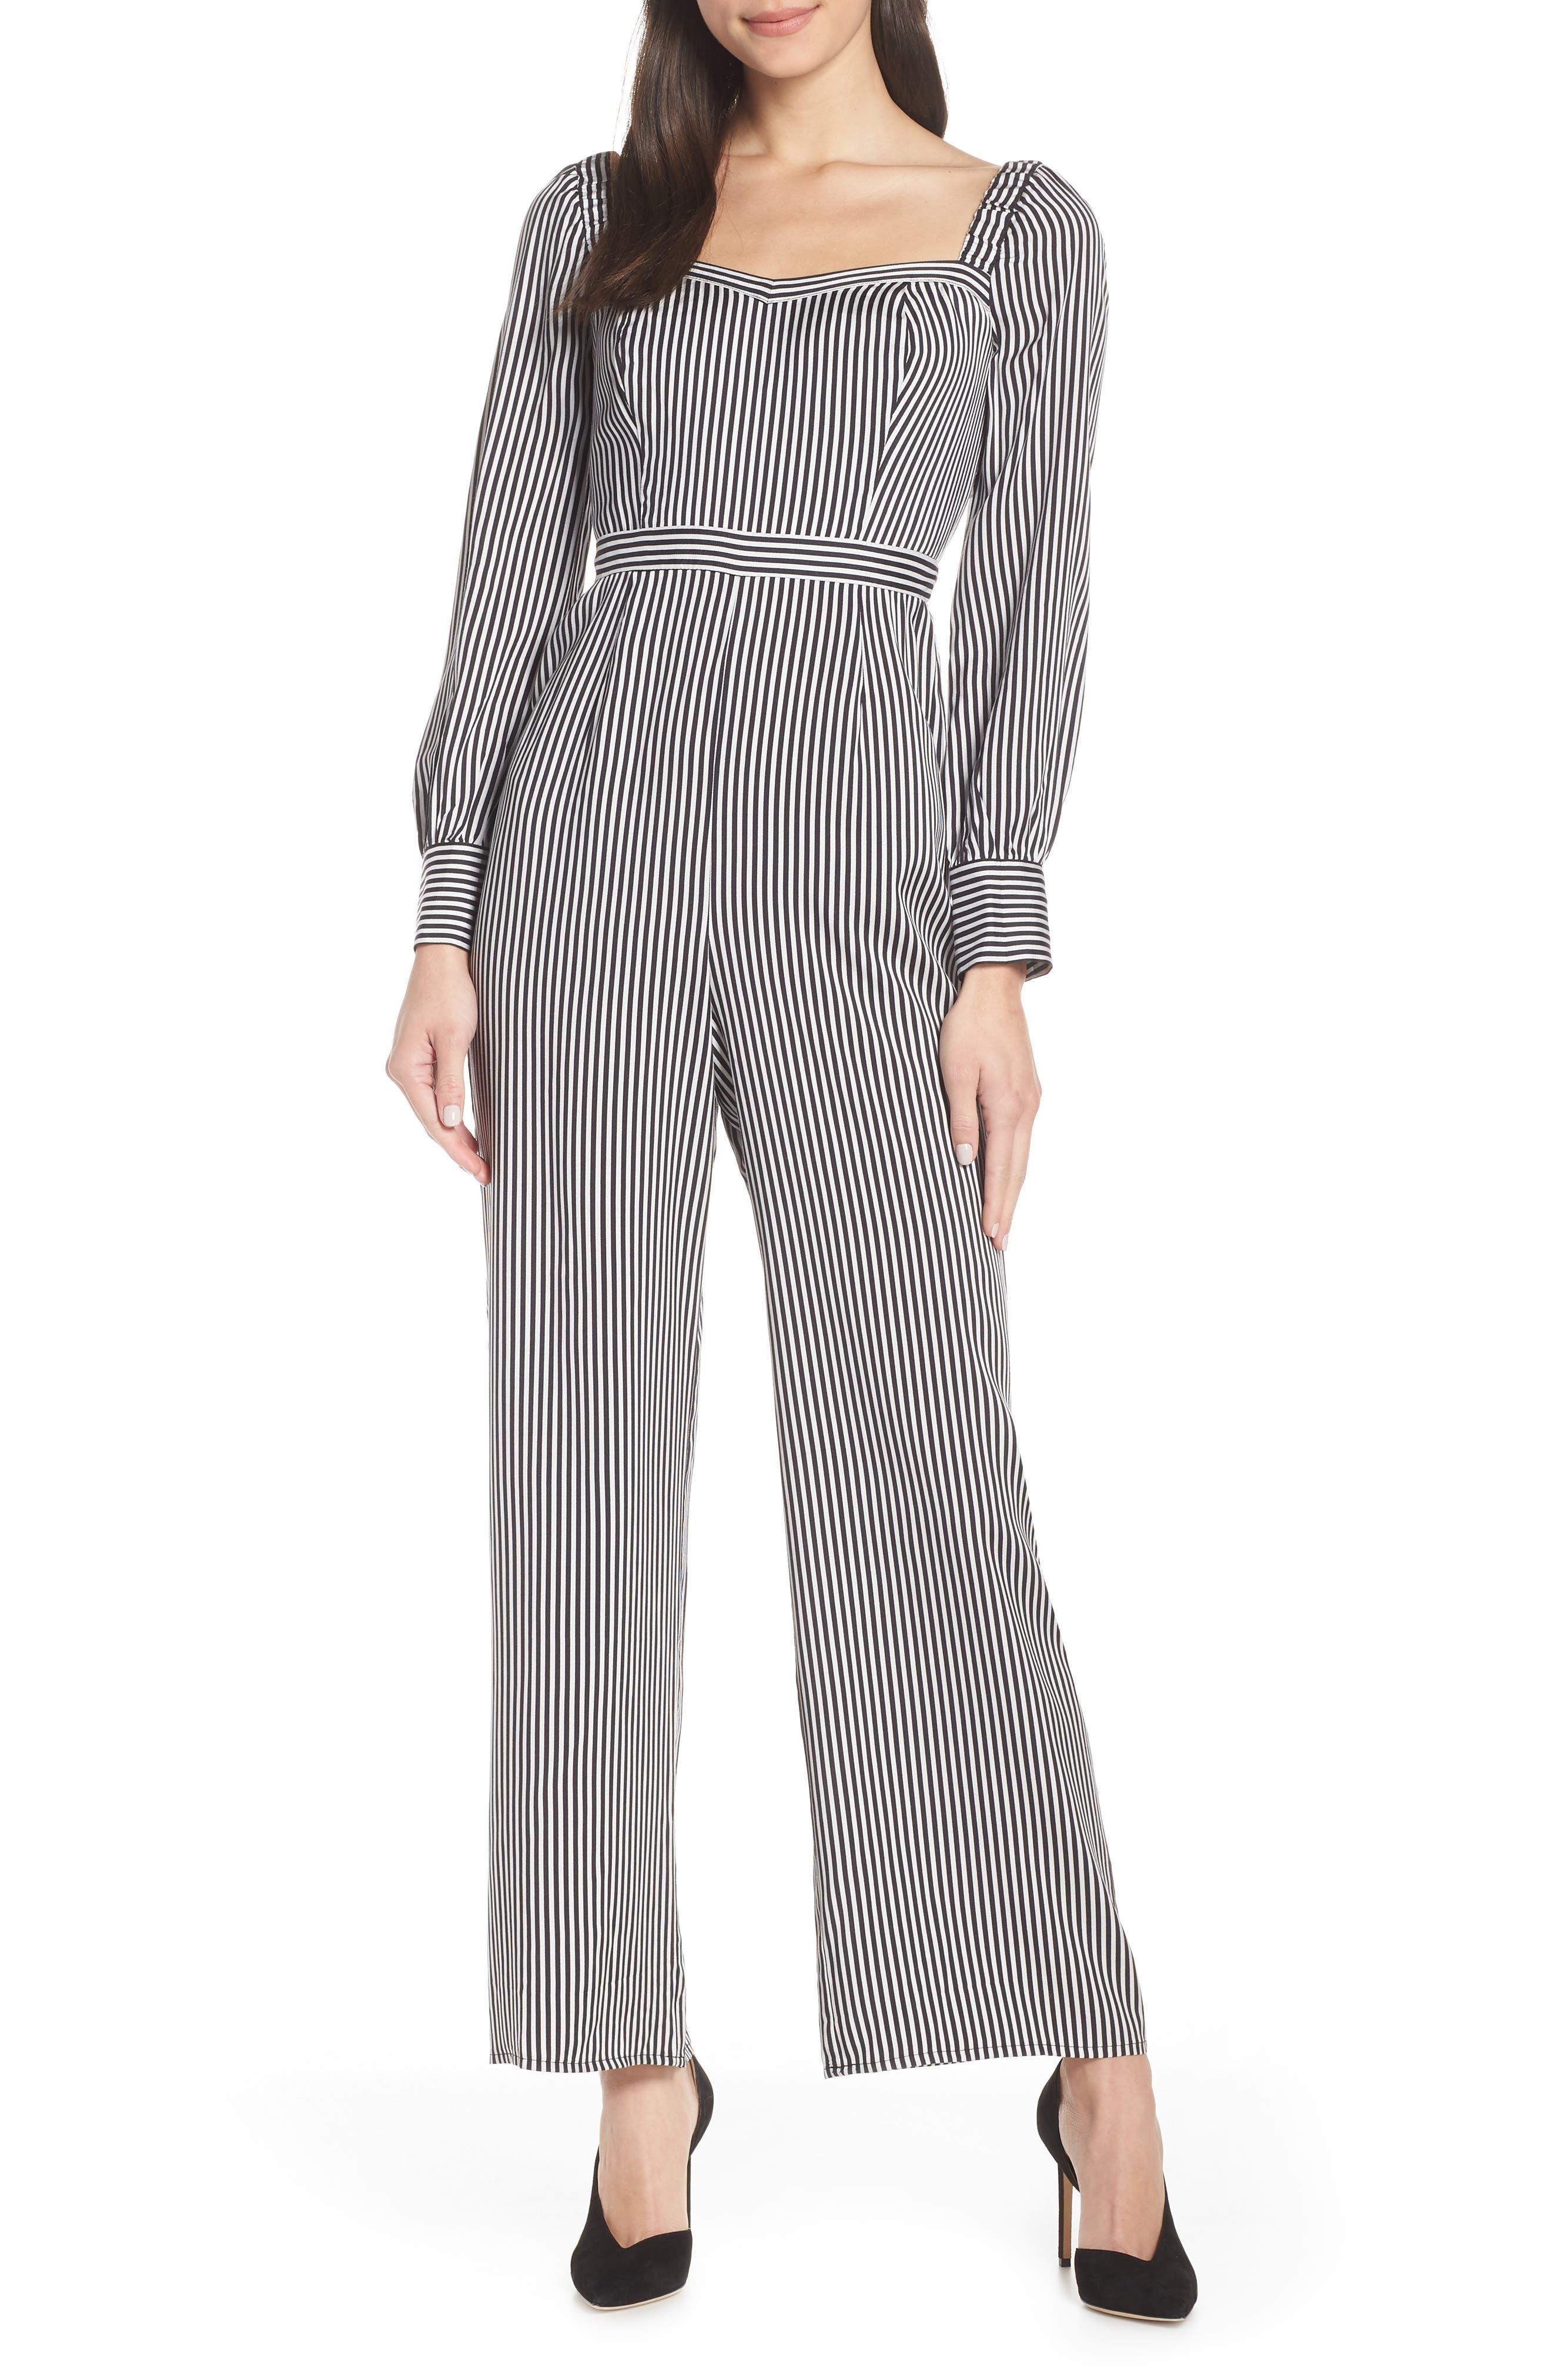 ALI & JAY, Retro Stripe Jumpsuit, Main thumbnail 1, color, BLACK/ WHITE